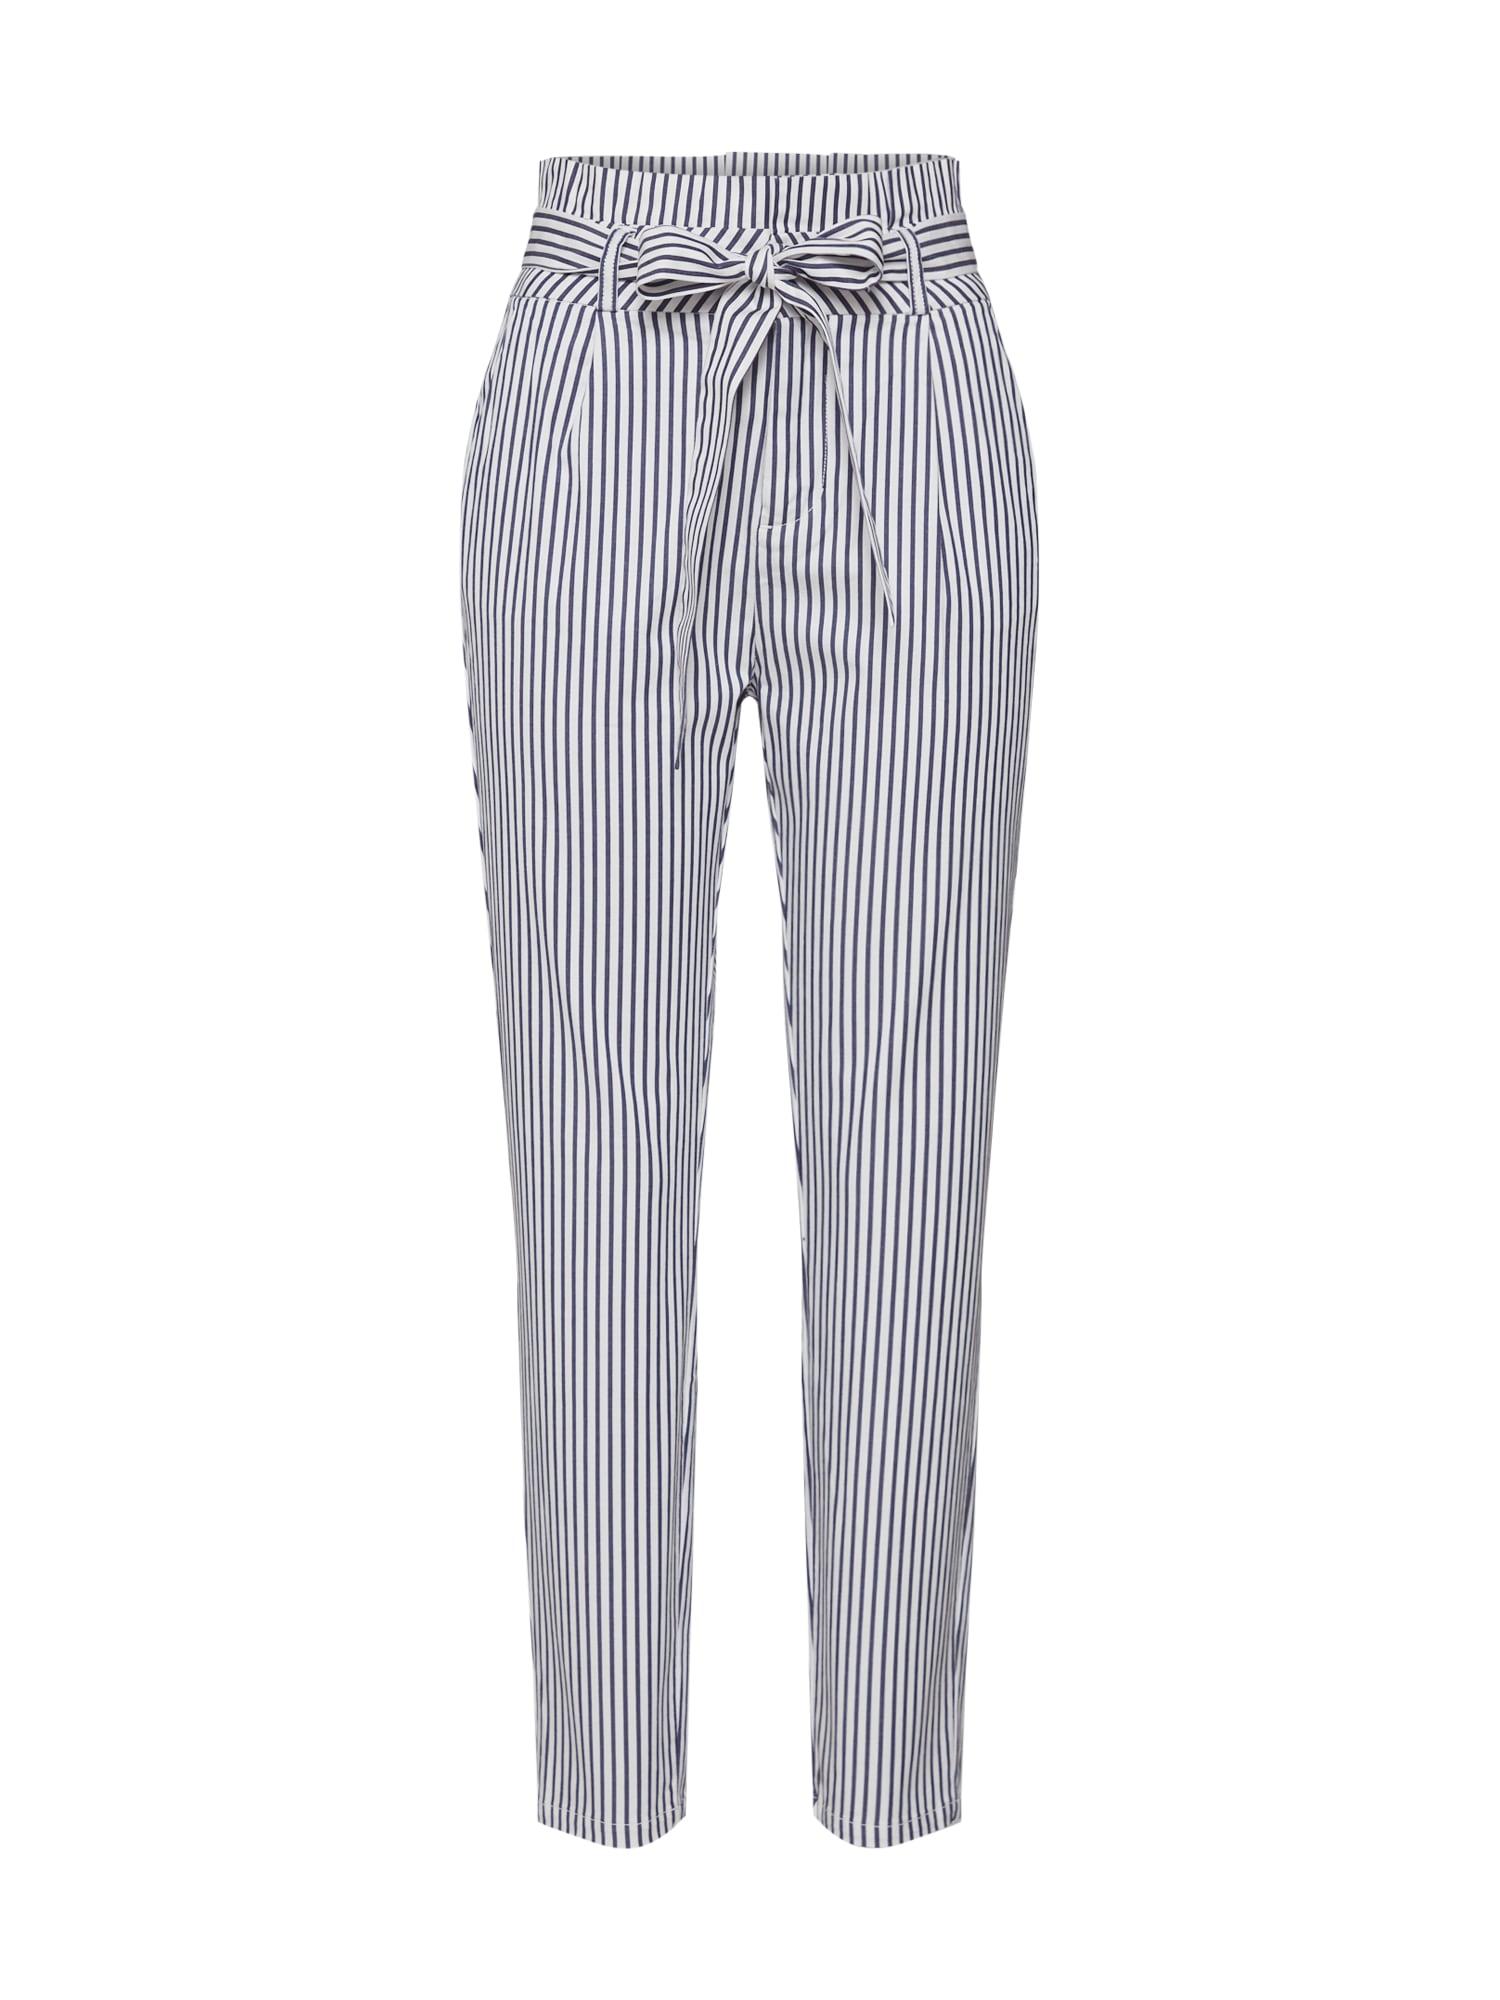 Kalhoty Vmeva modrá bílá VERO MODA